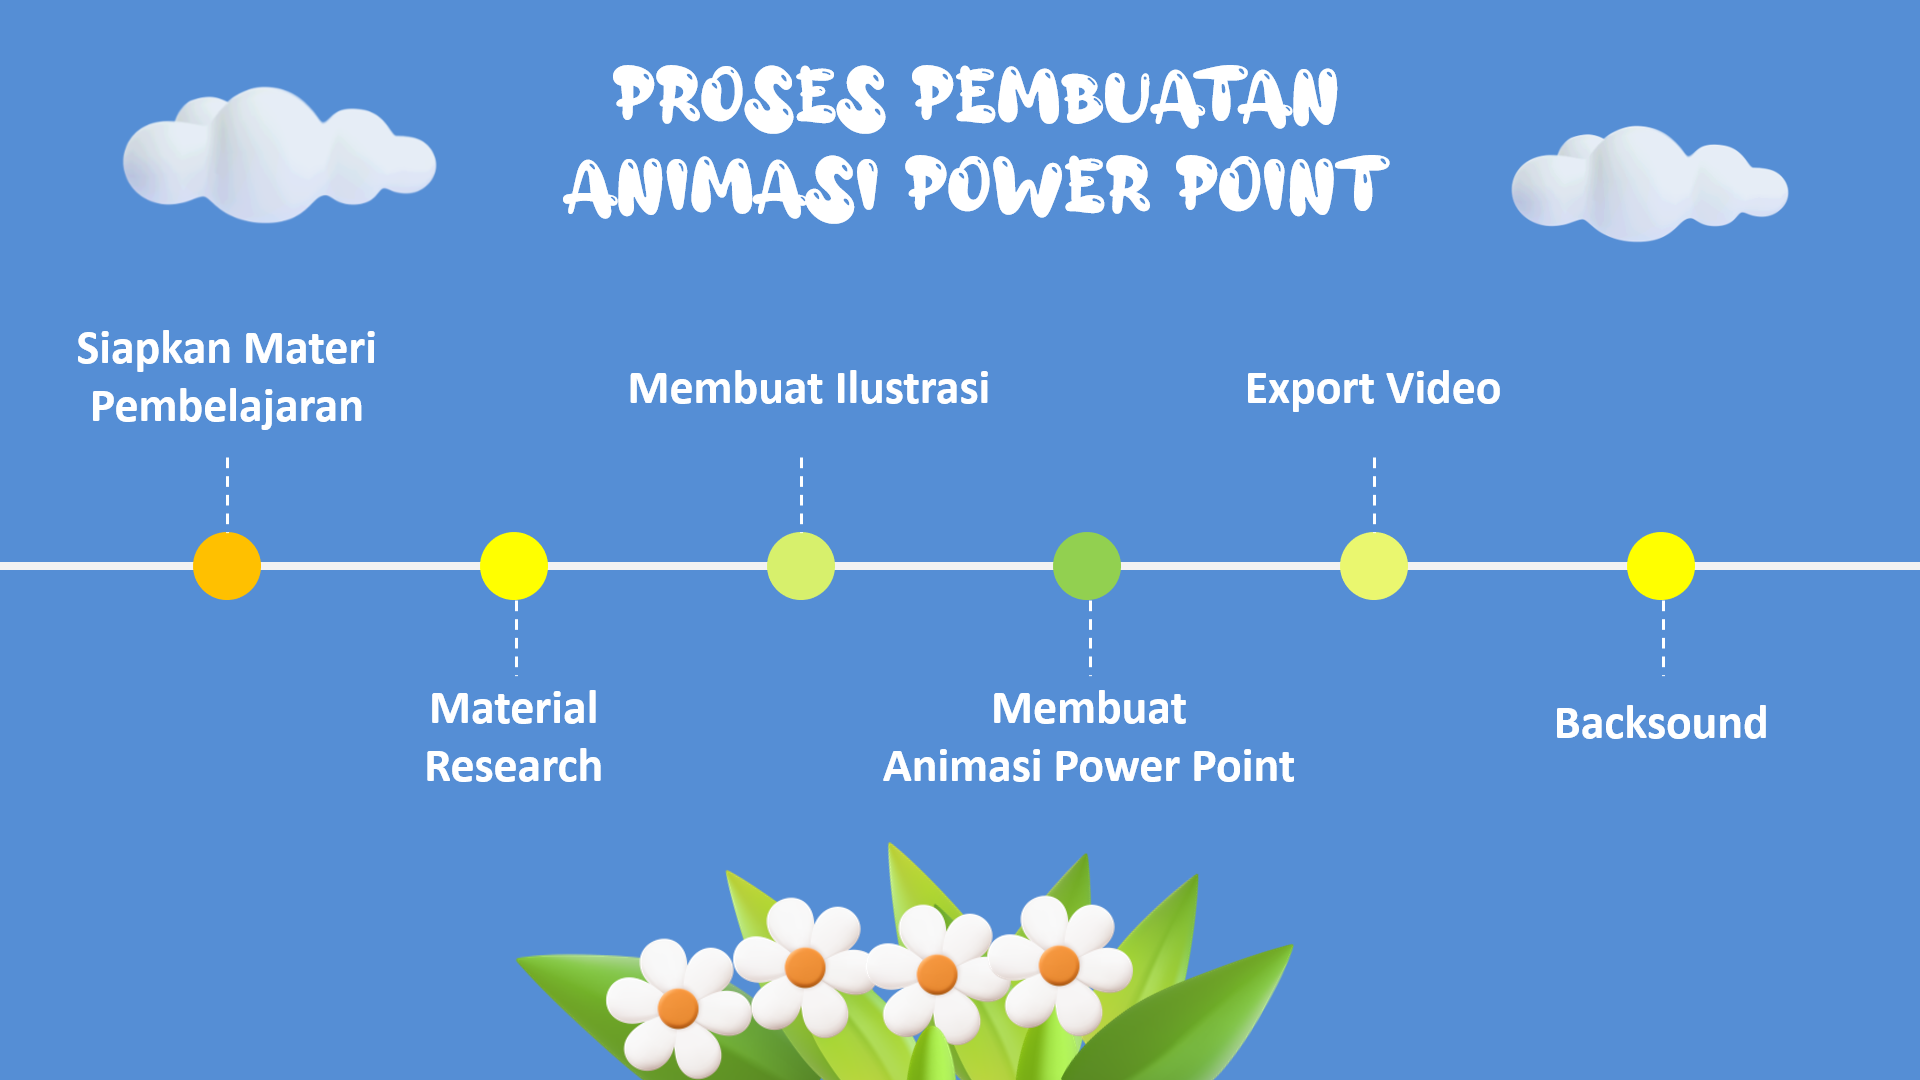 Proses Pembuatan Animasi Power Point